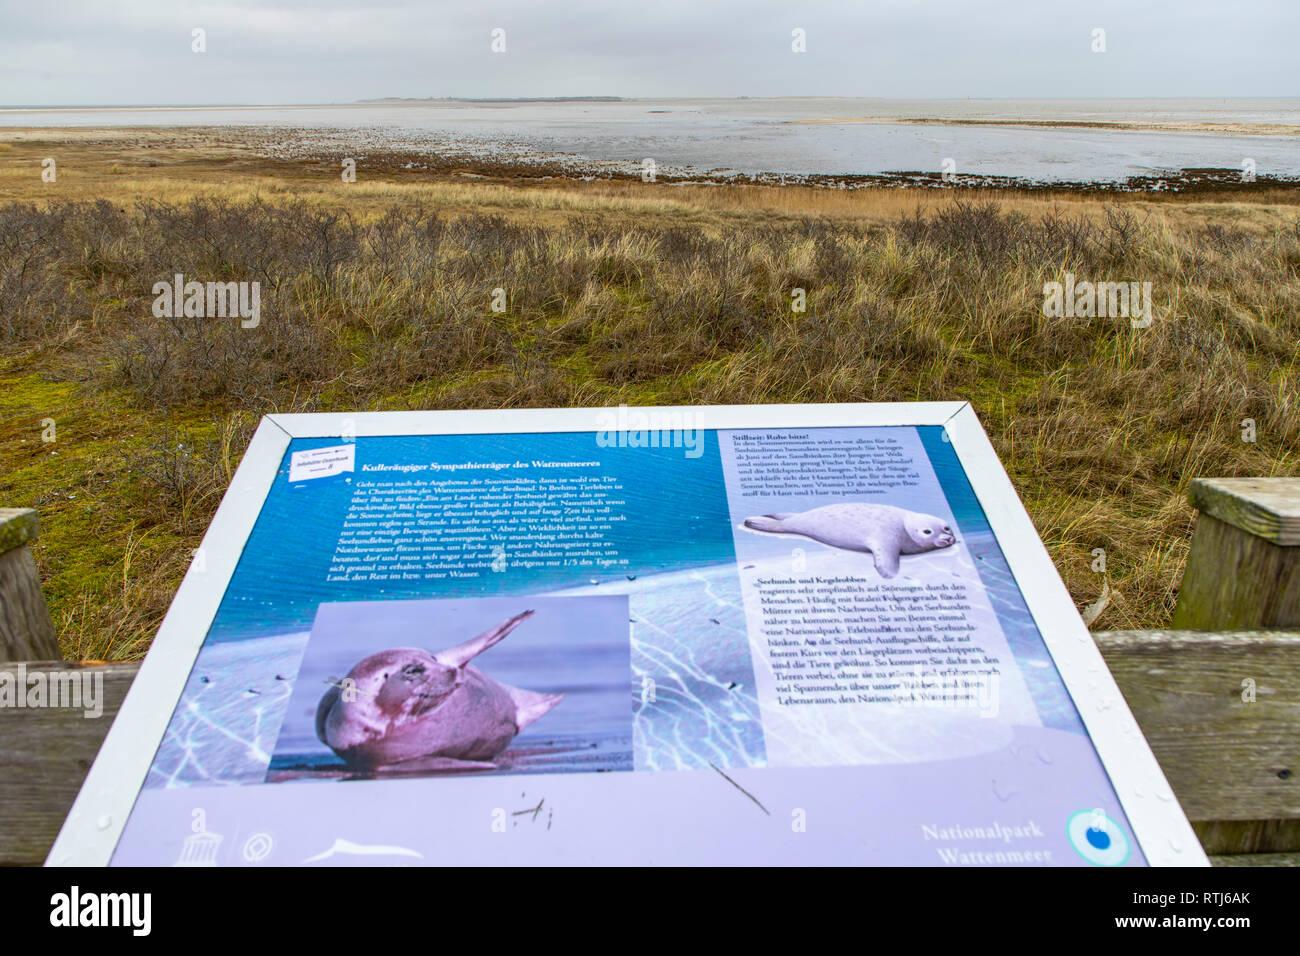 Nordseeinsel Langeoog,  Ostfriesland, Niedersachsen, Info Punkt, Aussichtsplattform am Ostende der Inseln zum Wattenmeer, mit Infotafel zu Tieren und  - Stock Image